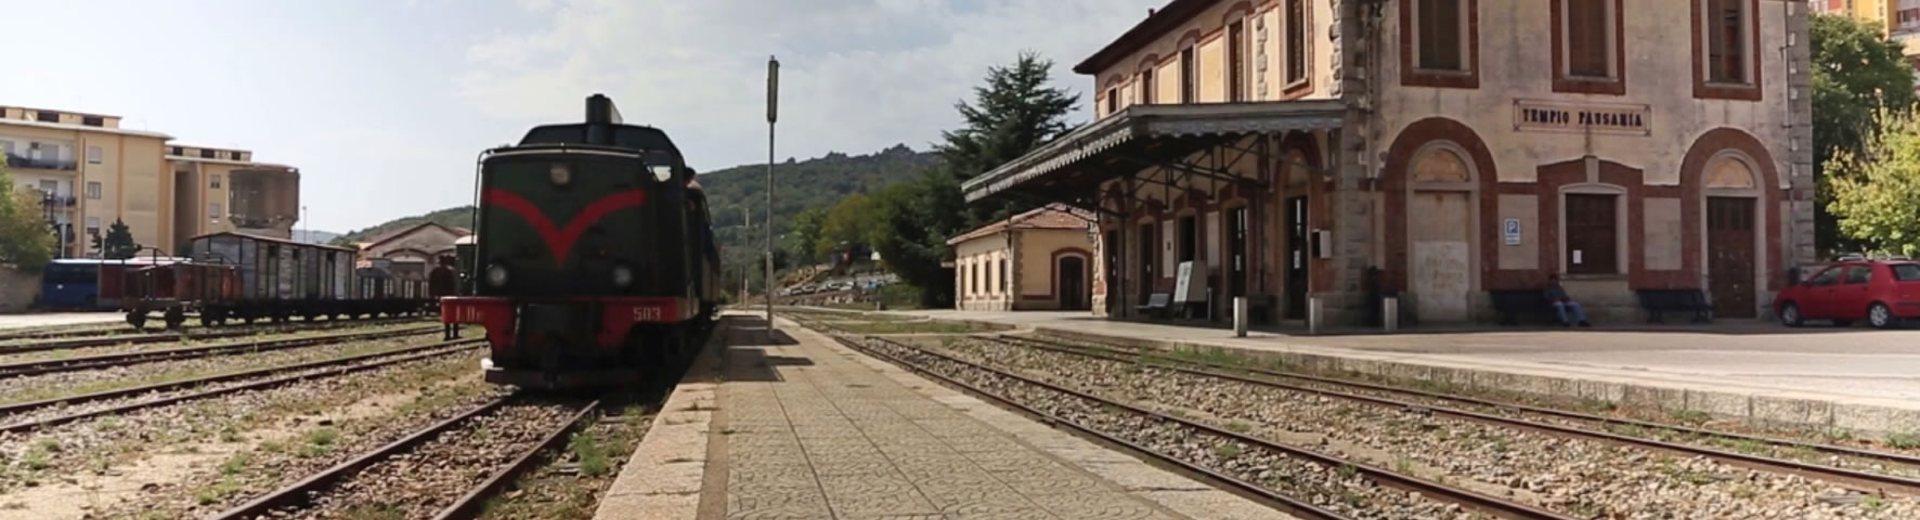 slide01_stazione_tempio_1920